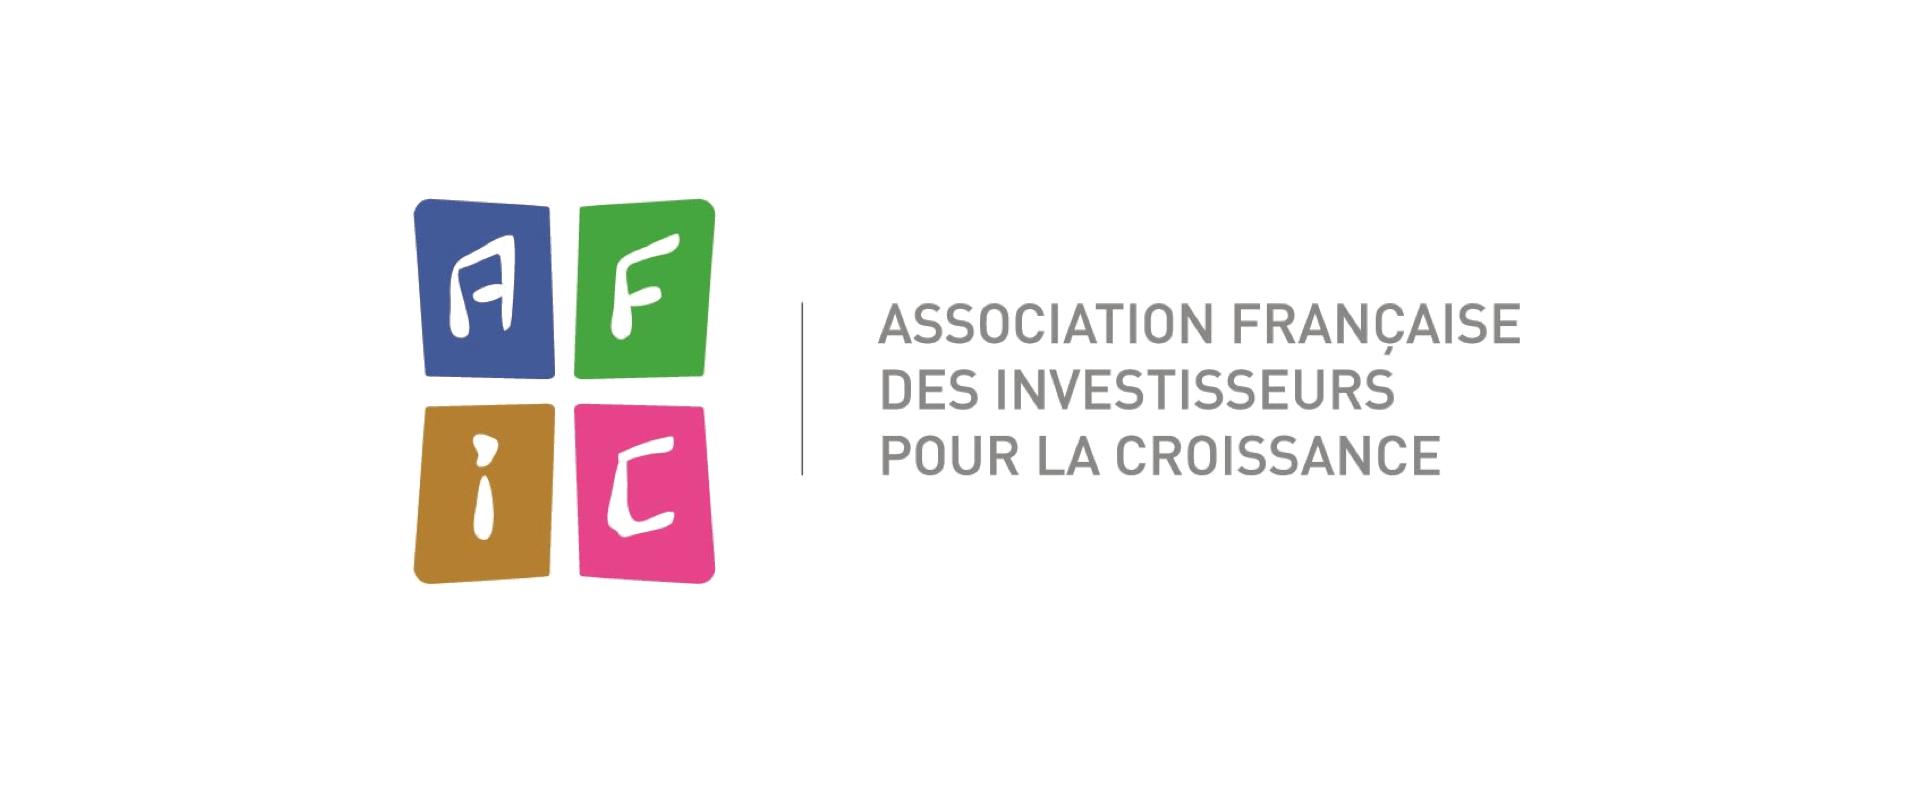 #Présidentielles 2017 : Les 16 propositions de l'AFIC pour le capital-investissement et les start-up françaises (2/4)